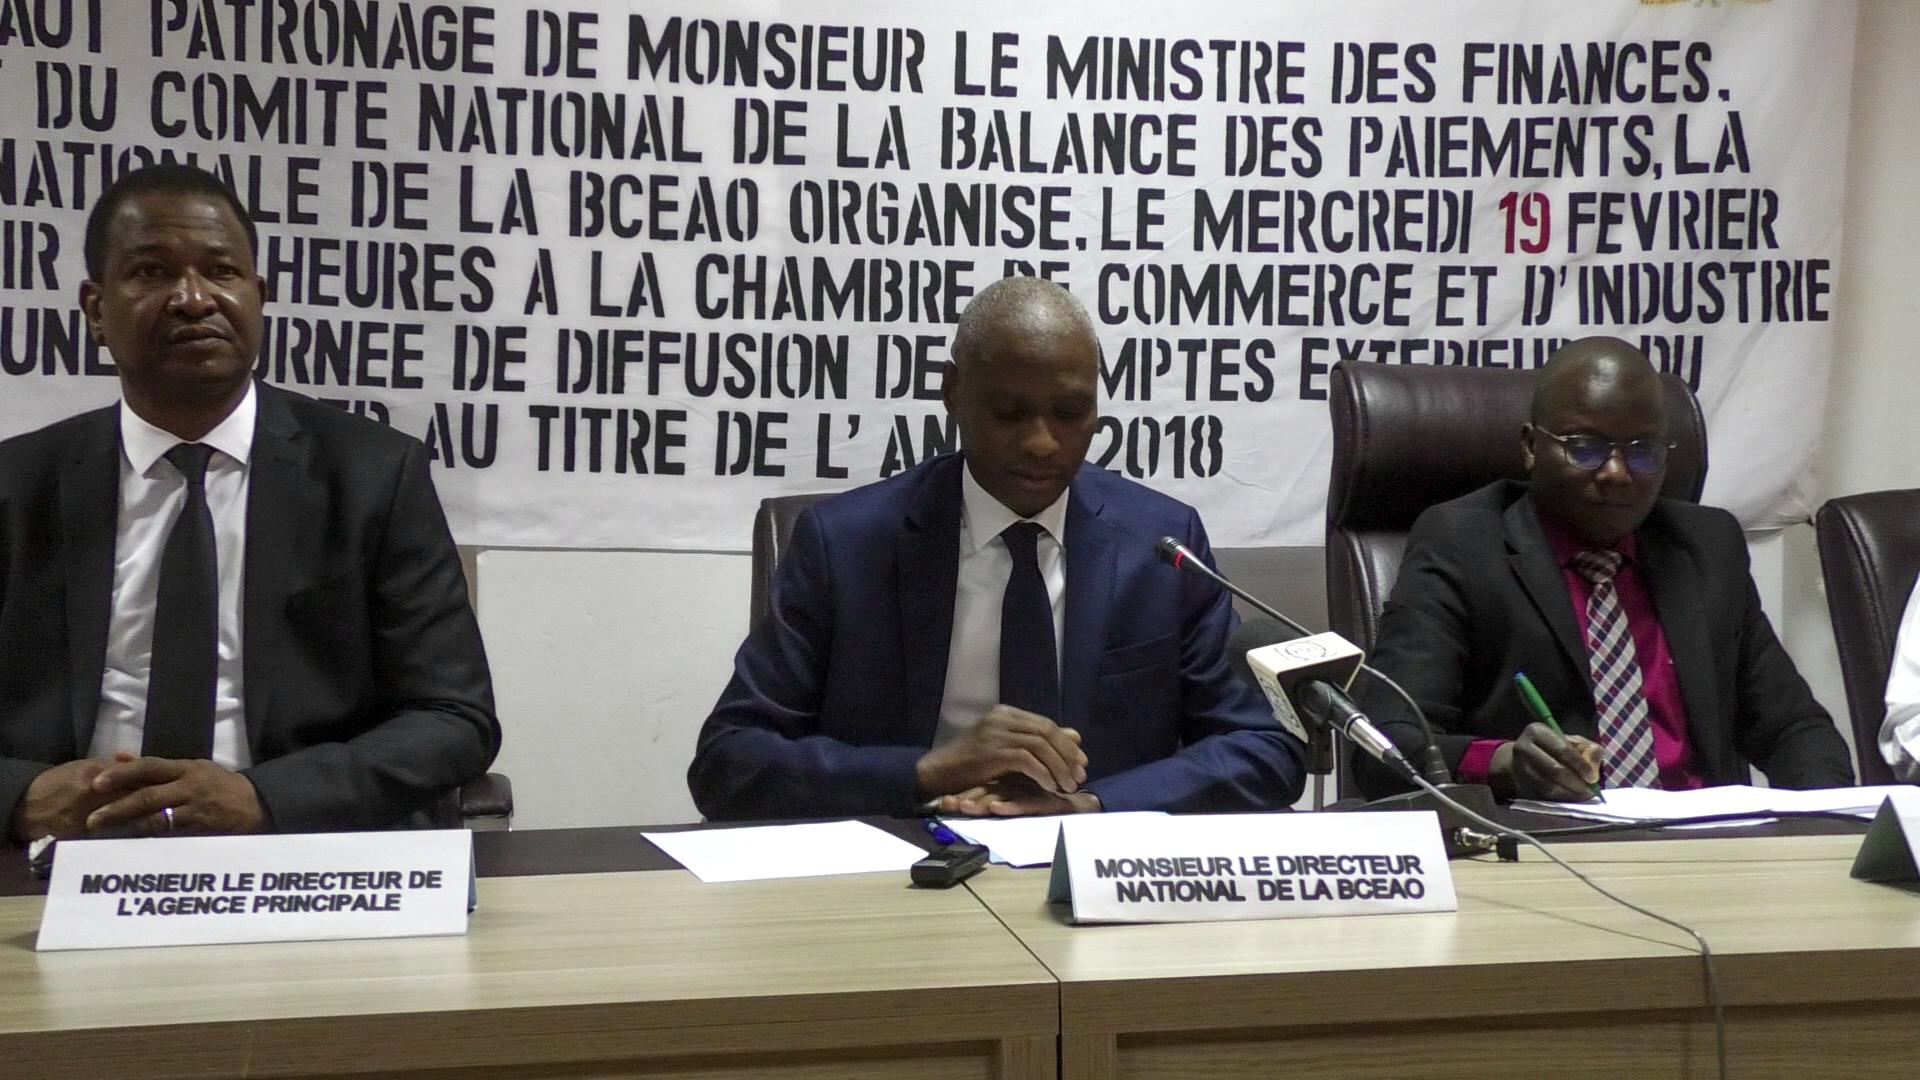 BCEAO/Niger : Journée de diffusion de la balance des paiements 2018